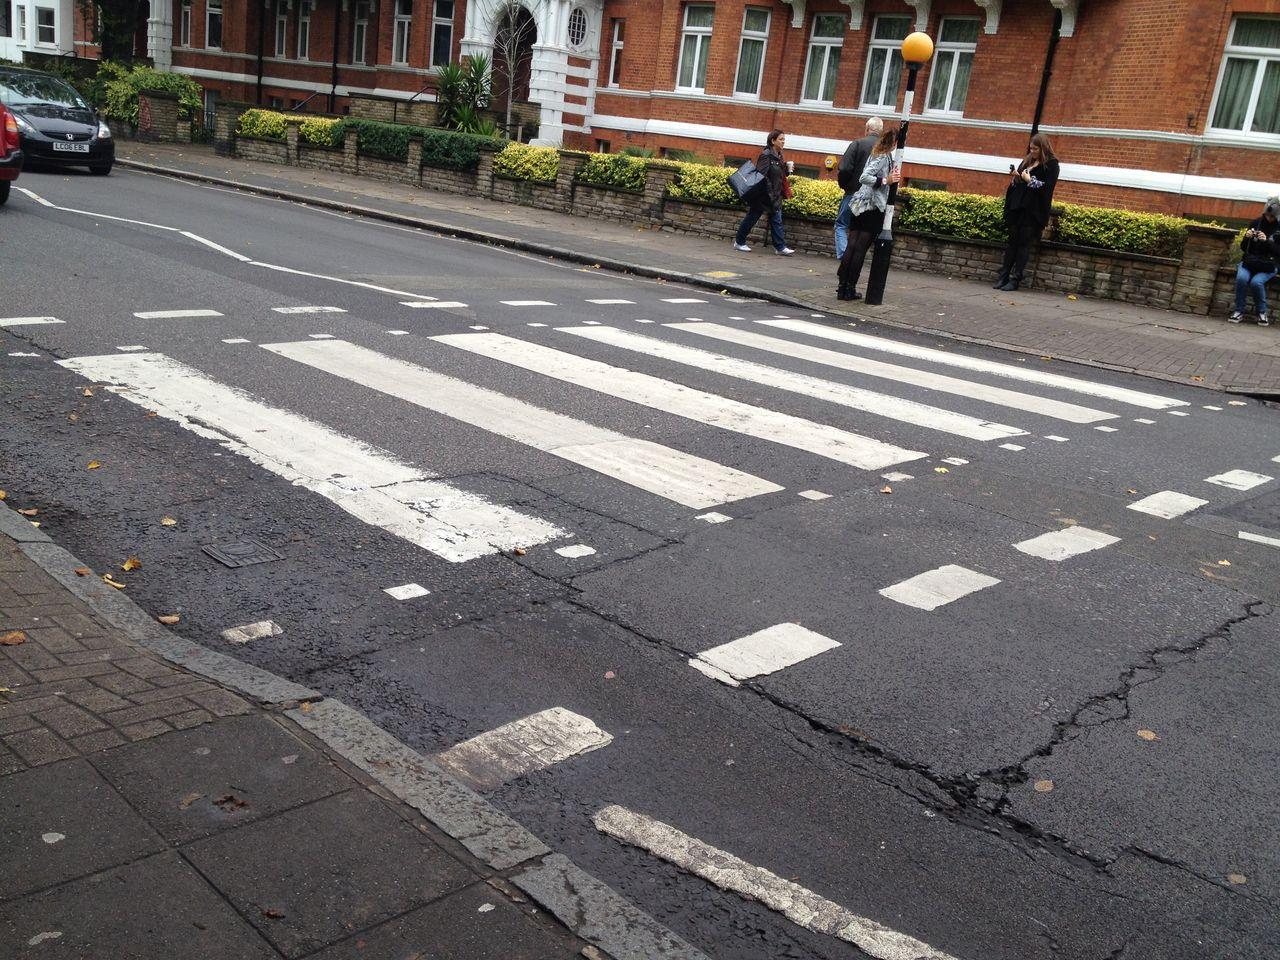 1173 駅降りて、道路渡ってまっすぐ坂道を降りて突き当り右の横断歩道がそれです... ロンドン